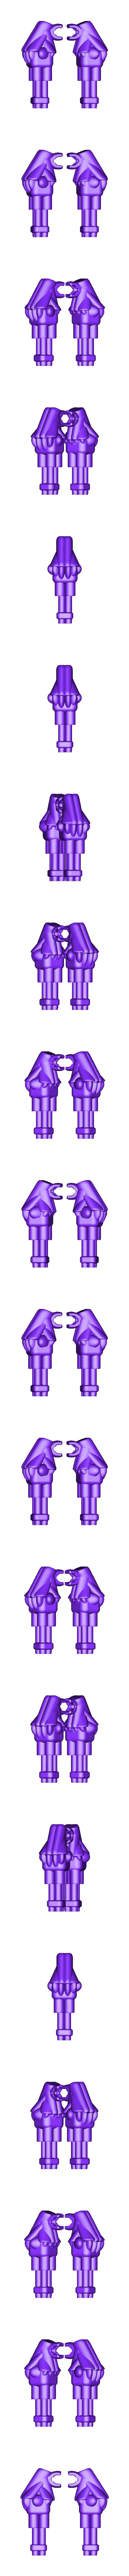 9_small_arm_cannon.stl Télécharger fichier STL gratuit Robot articulé personnalisable • Plan pour impression 3D, LittleTup